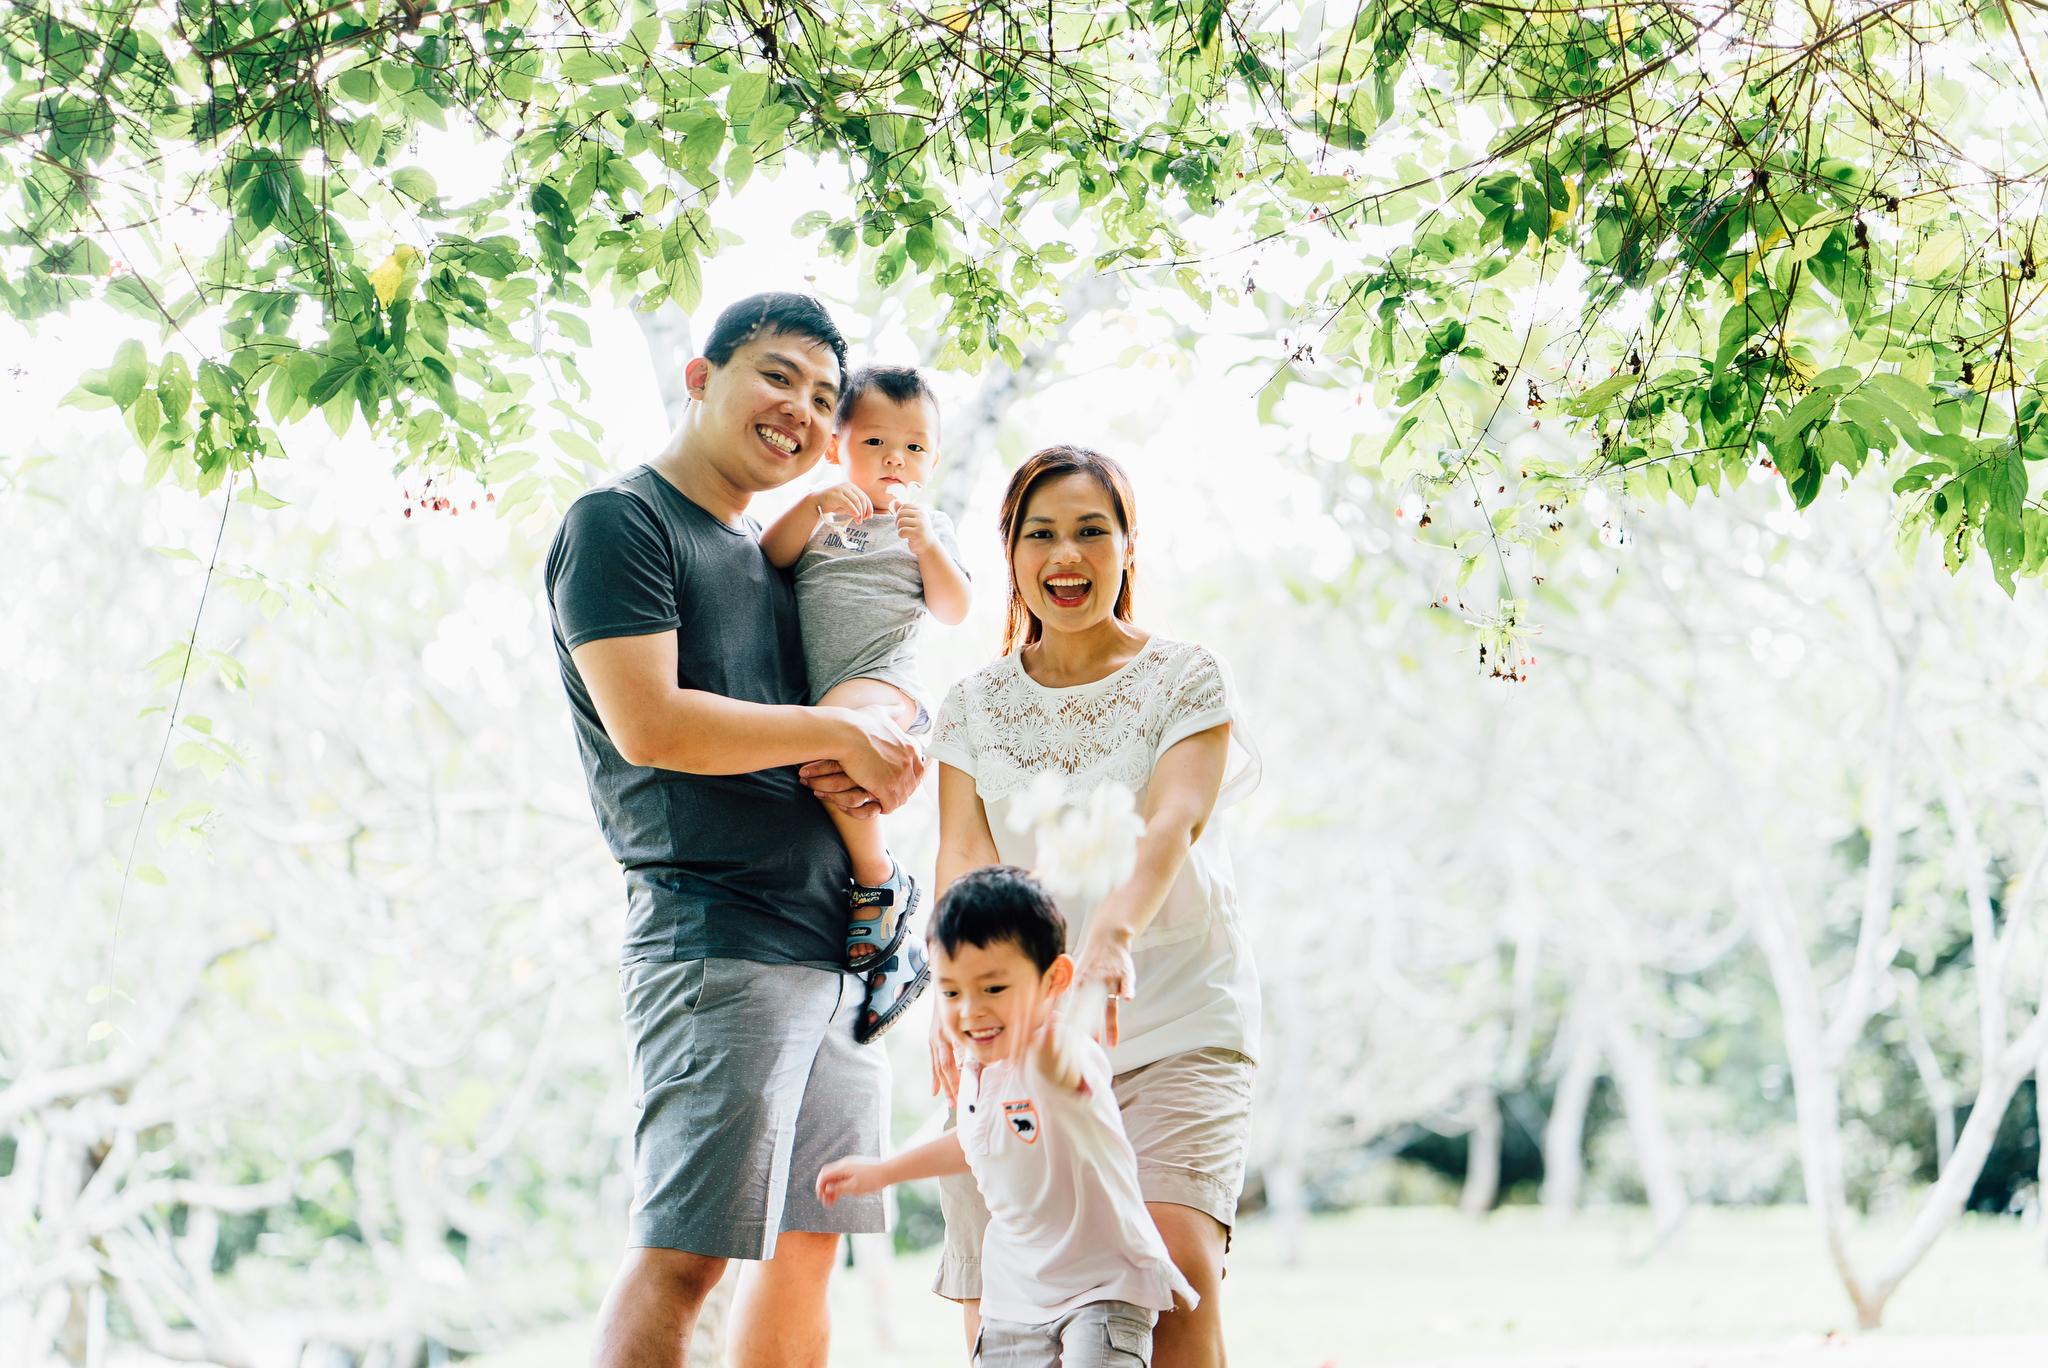 Jayden & Faith Family Photoshoot (54 of 76).JPG